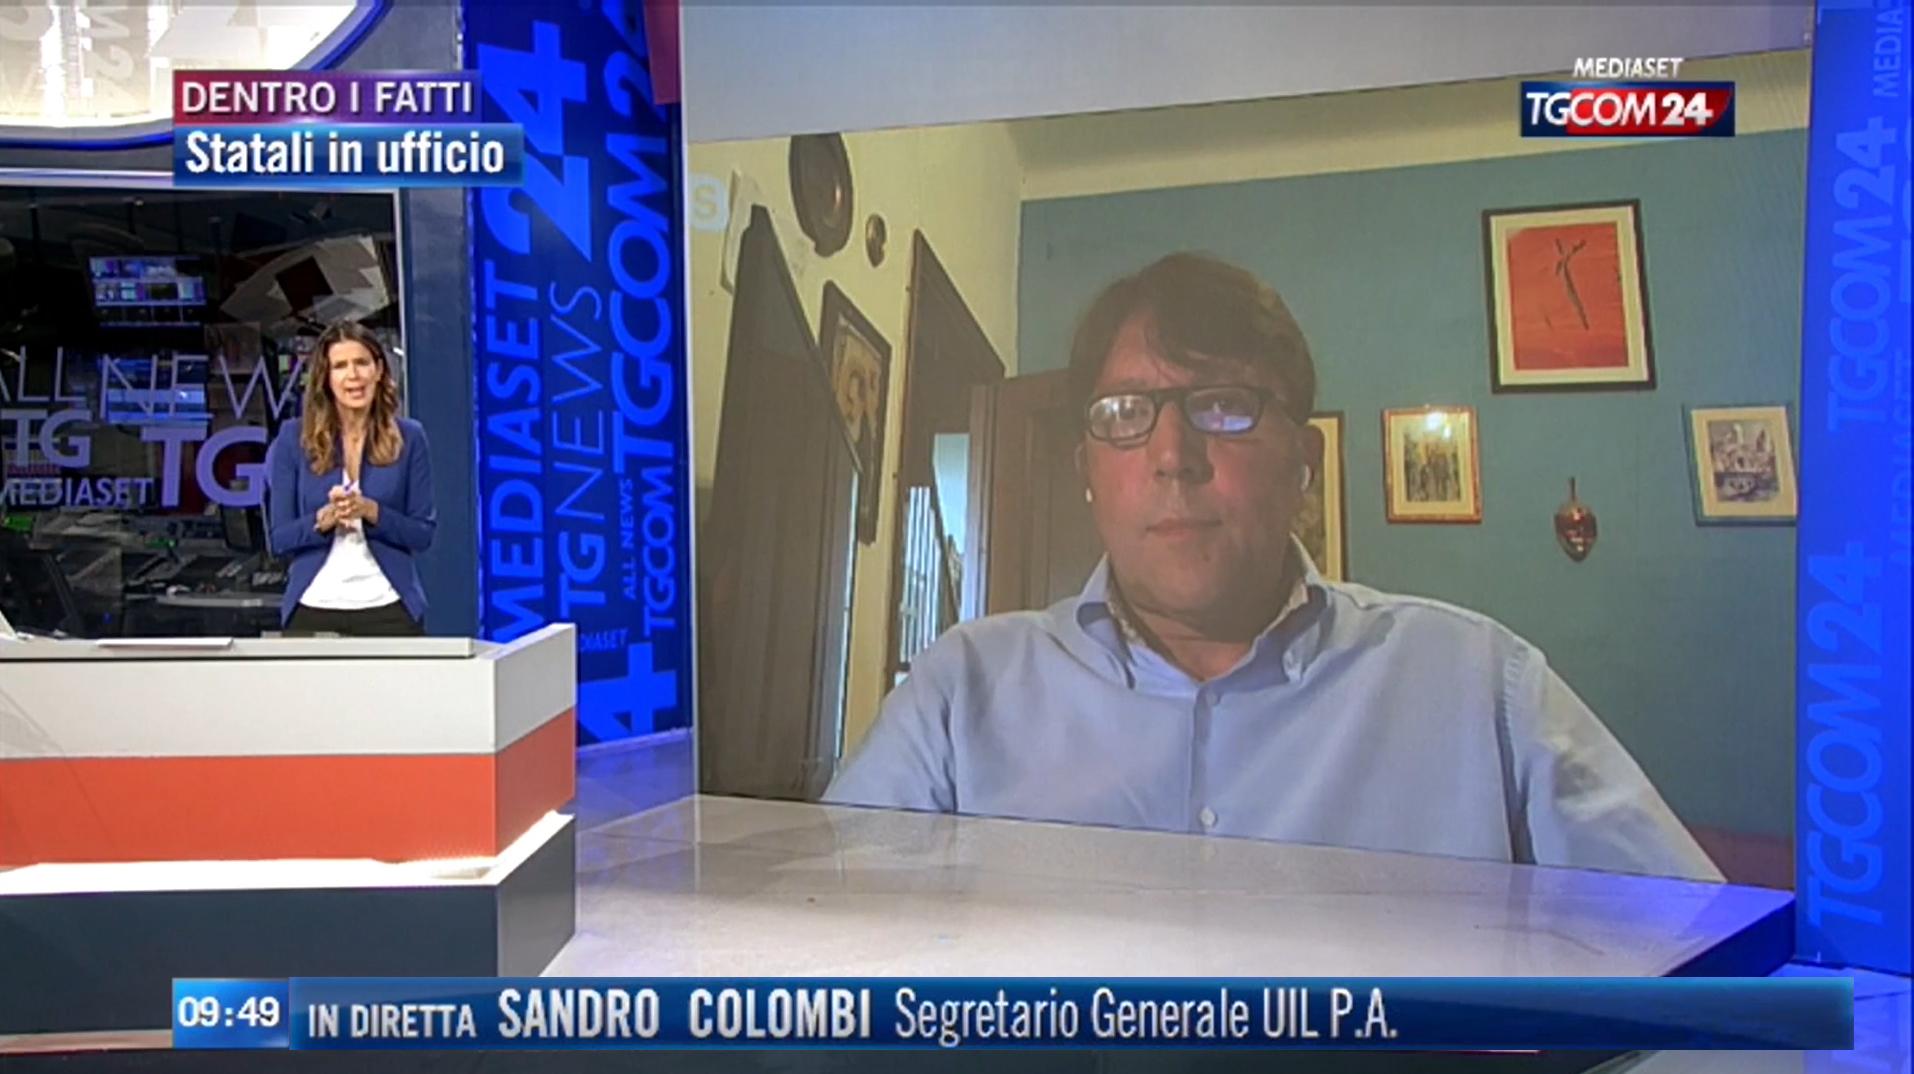 Statali in ufficio, intervista di Sandro Colombi al TGCOM24